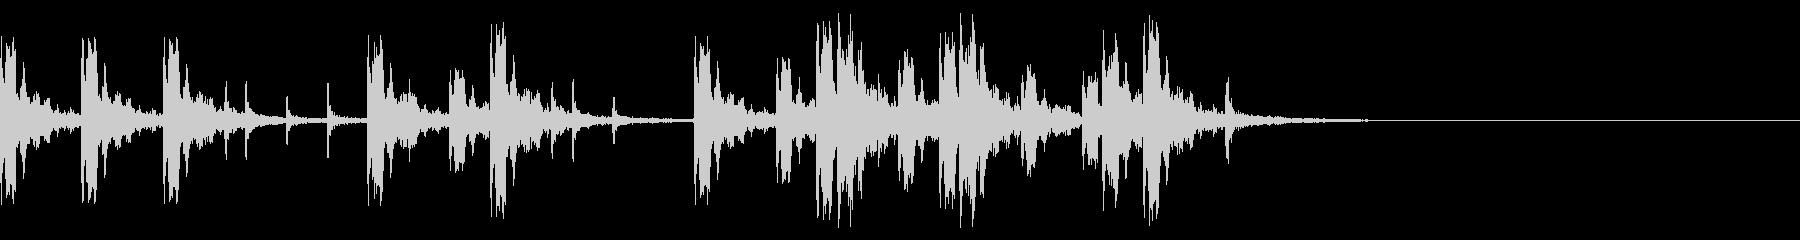 盆踊りの太鼓リズムの長めジングル。の未再生の波形